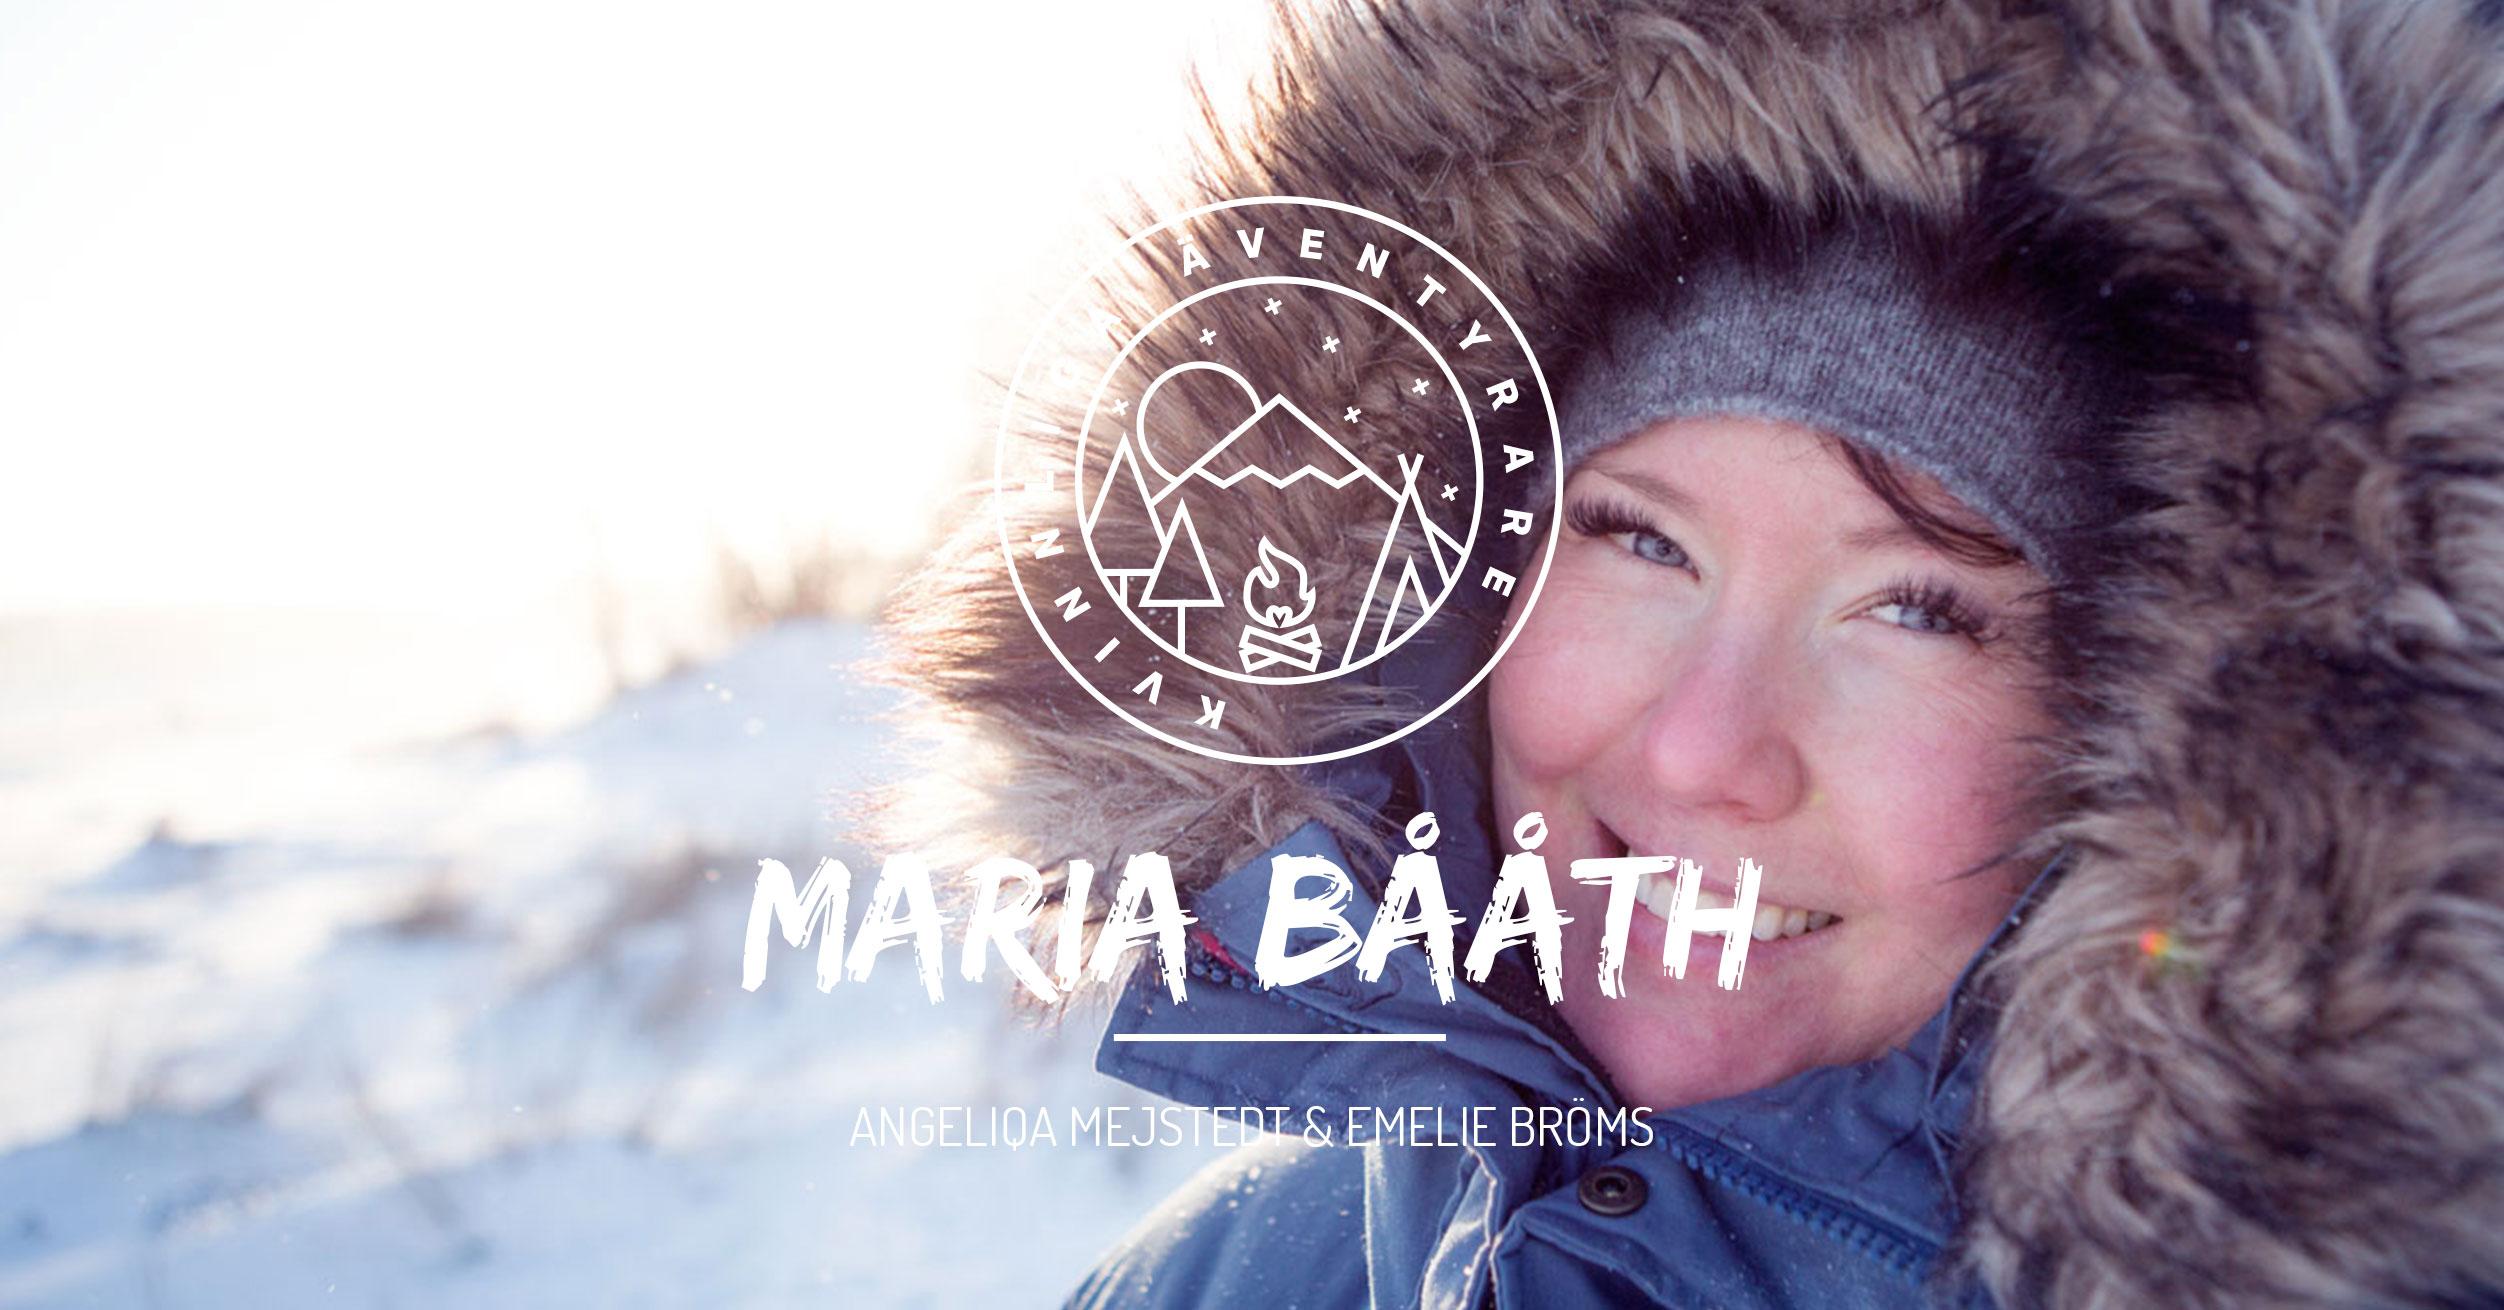 Maria Strömberg Bååth Kvinnliga Äventyrare podcast